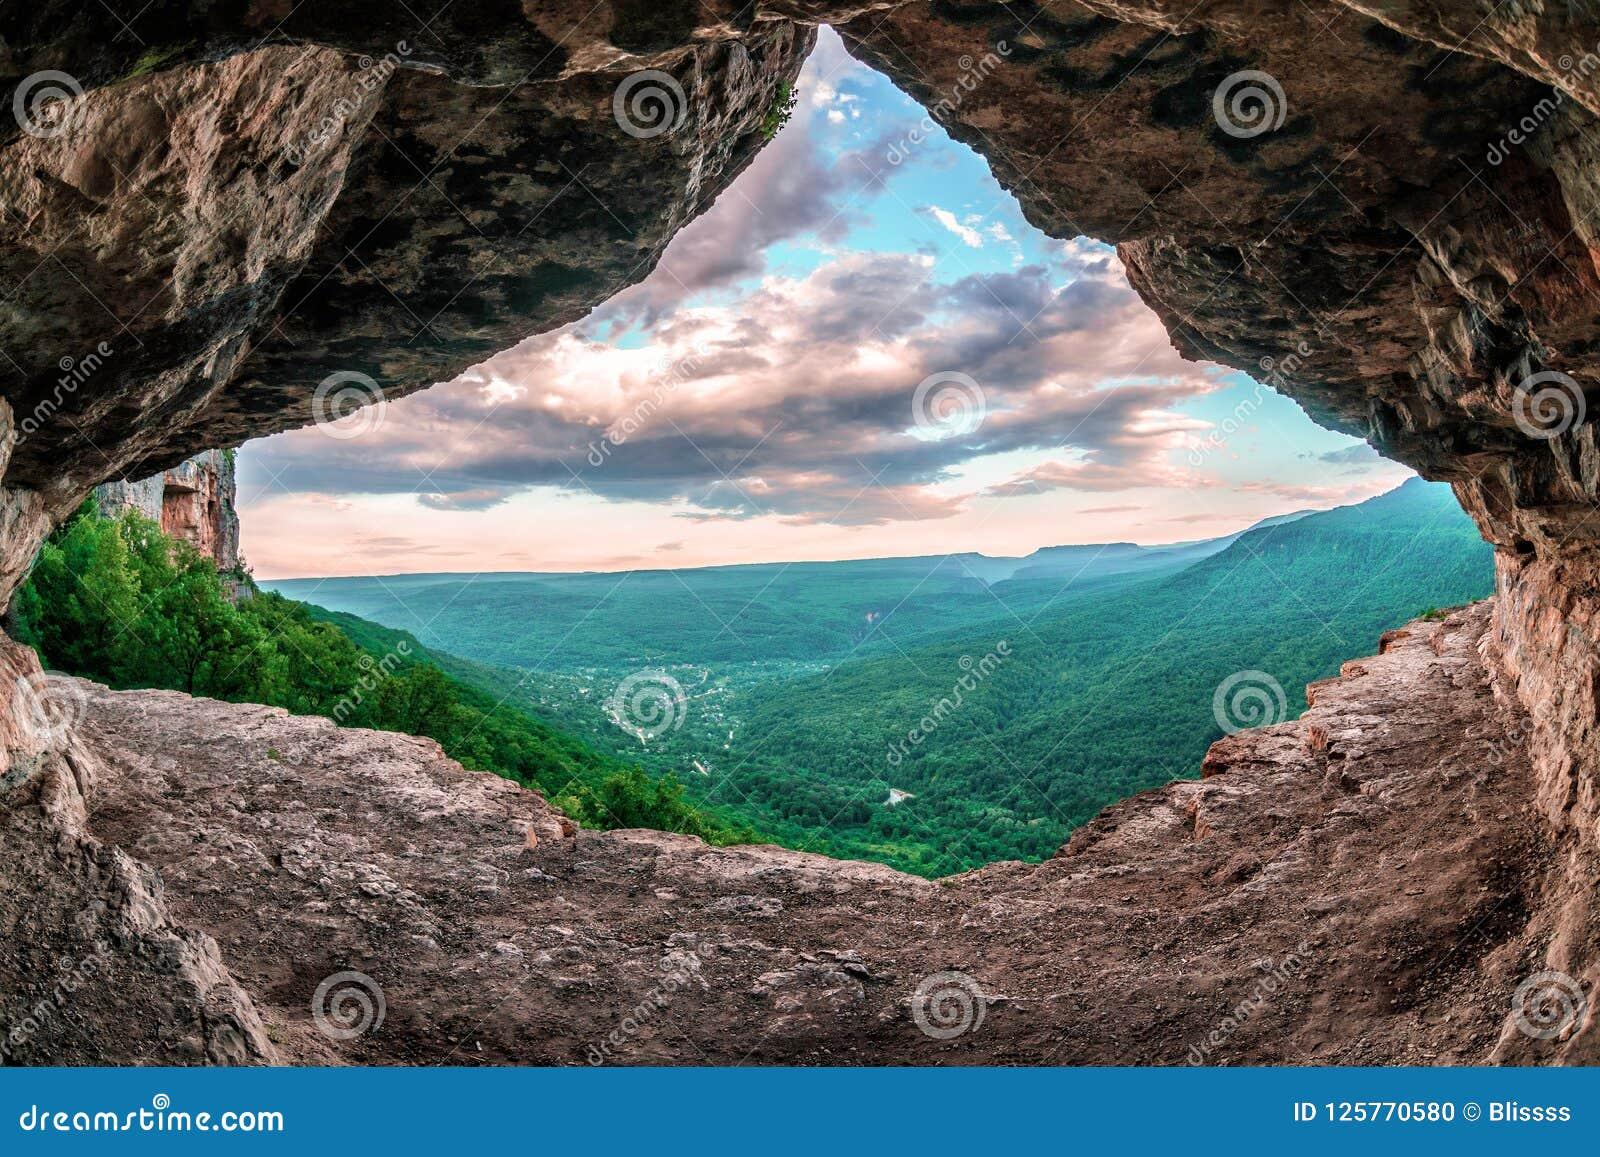 Opinião cênico da paisagem do verão da vila de Mezmay do interior da gruta rochosa estranha em montanhas de Cáucaso, prateleira d